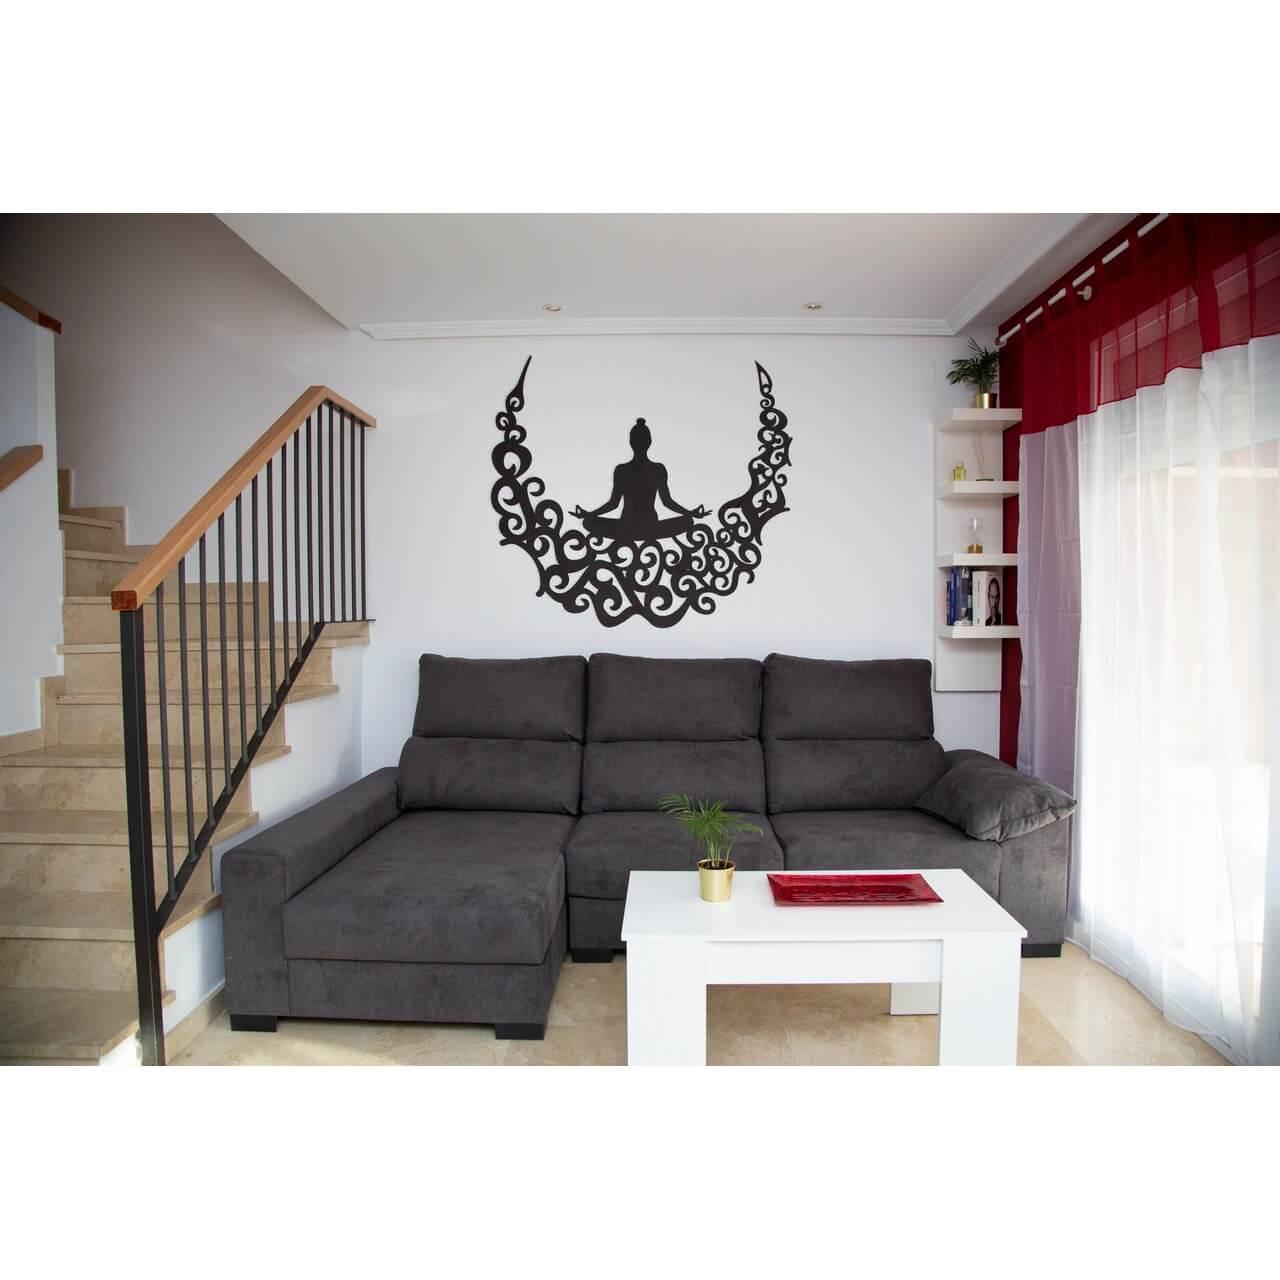 Proyecto de decoración mural exclusivo para diseñadores de interiores